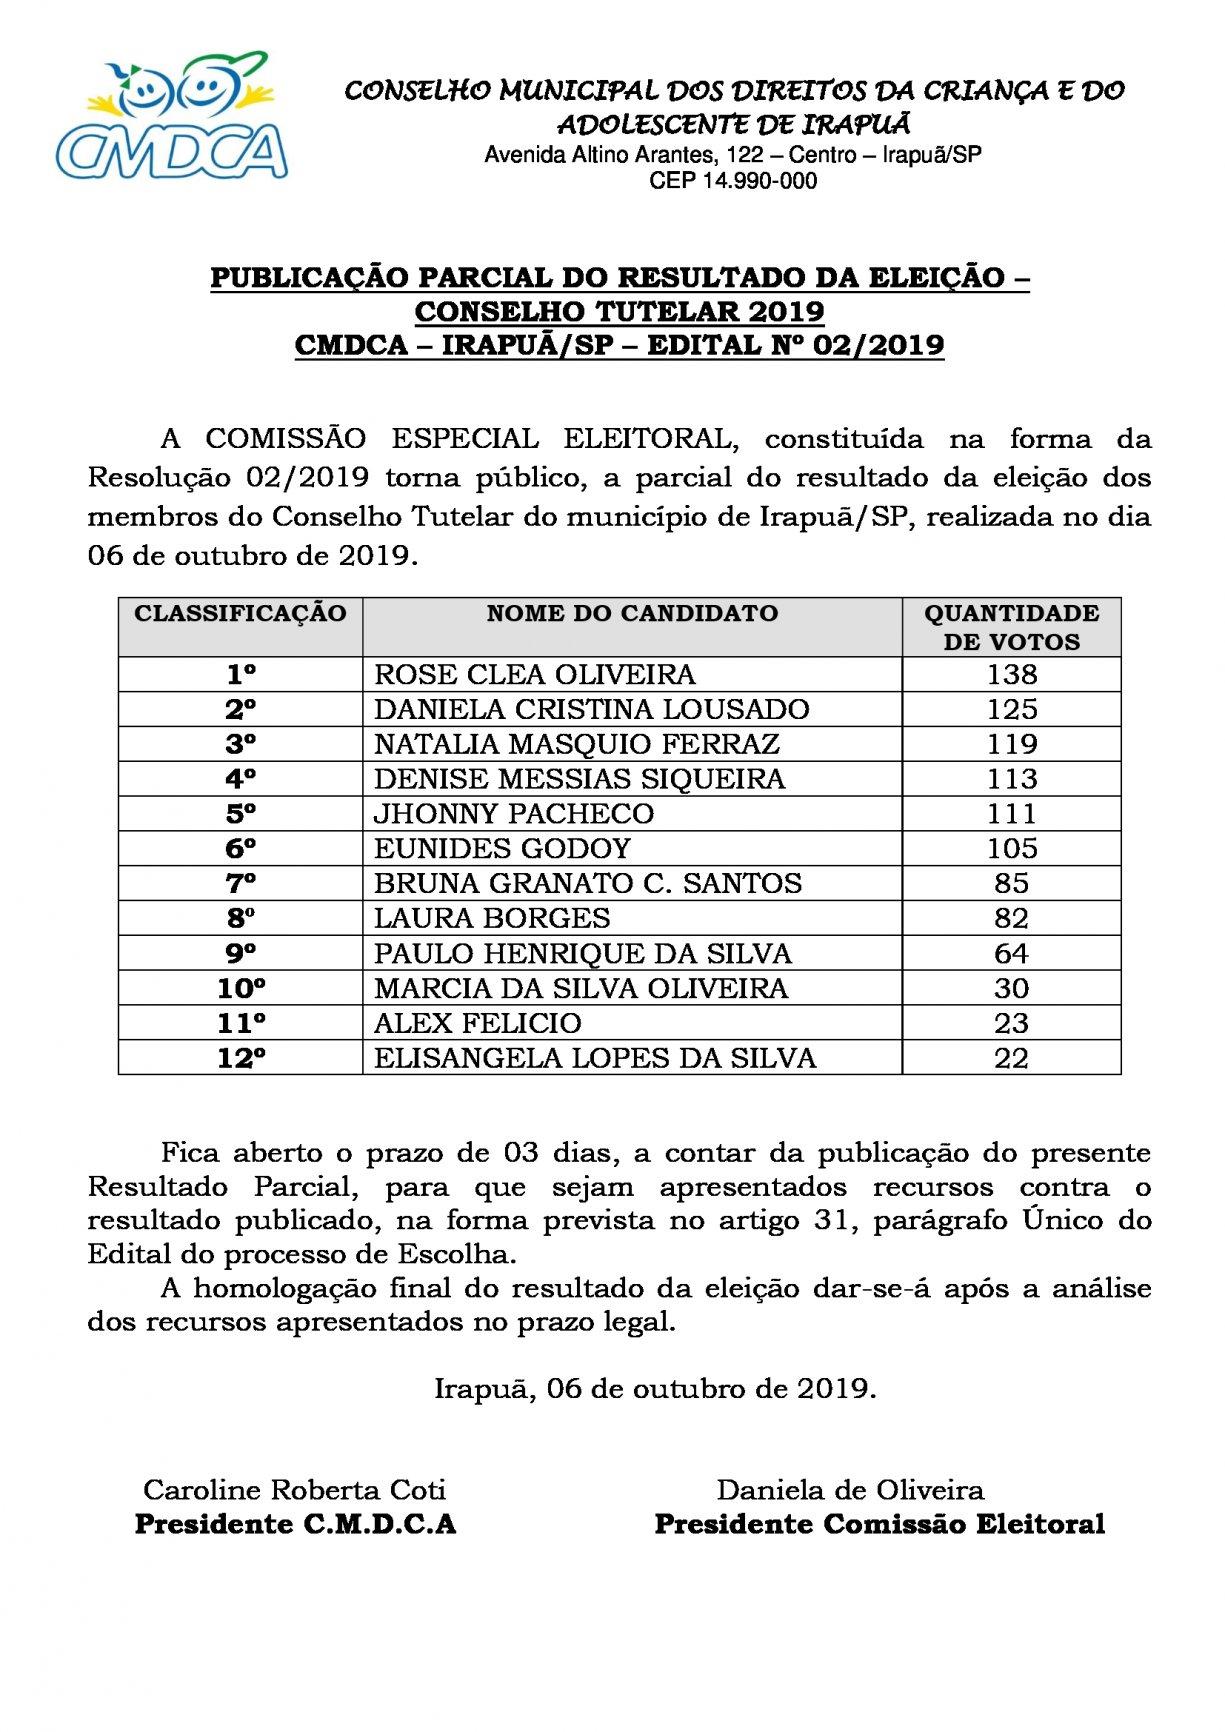 PUBLICAÇÃO PARCIAL DO RESULTADO DA ELEIÇÃO – CONSELHO TUTELAR 2019 CMDCA – IRAPUÃ/SP – EDITAL Nº 02/2019